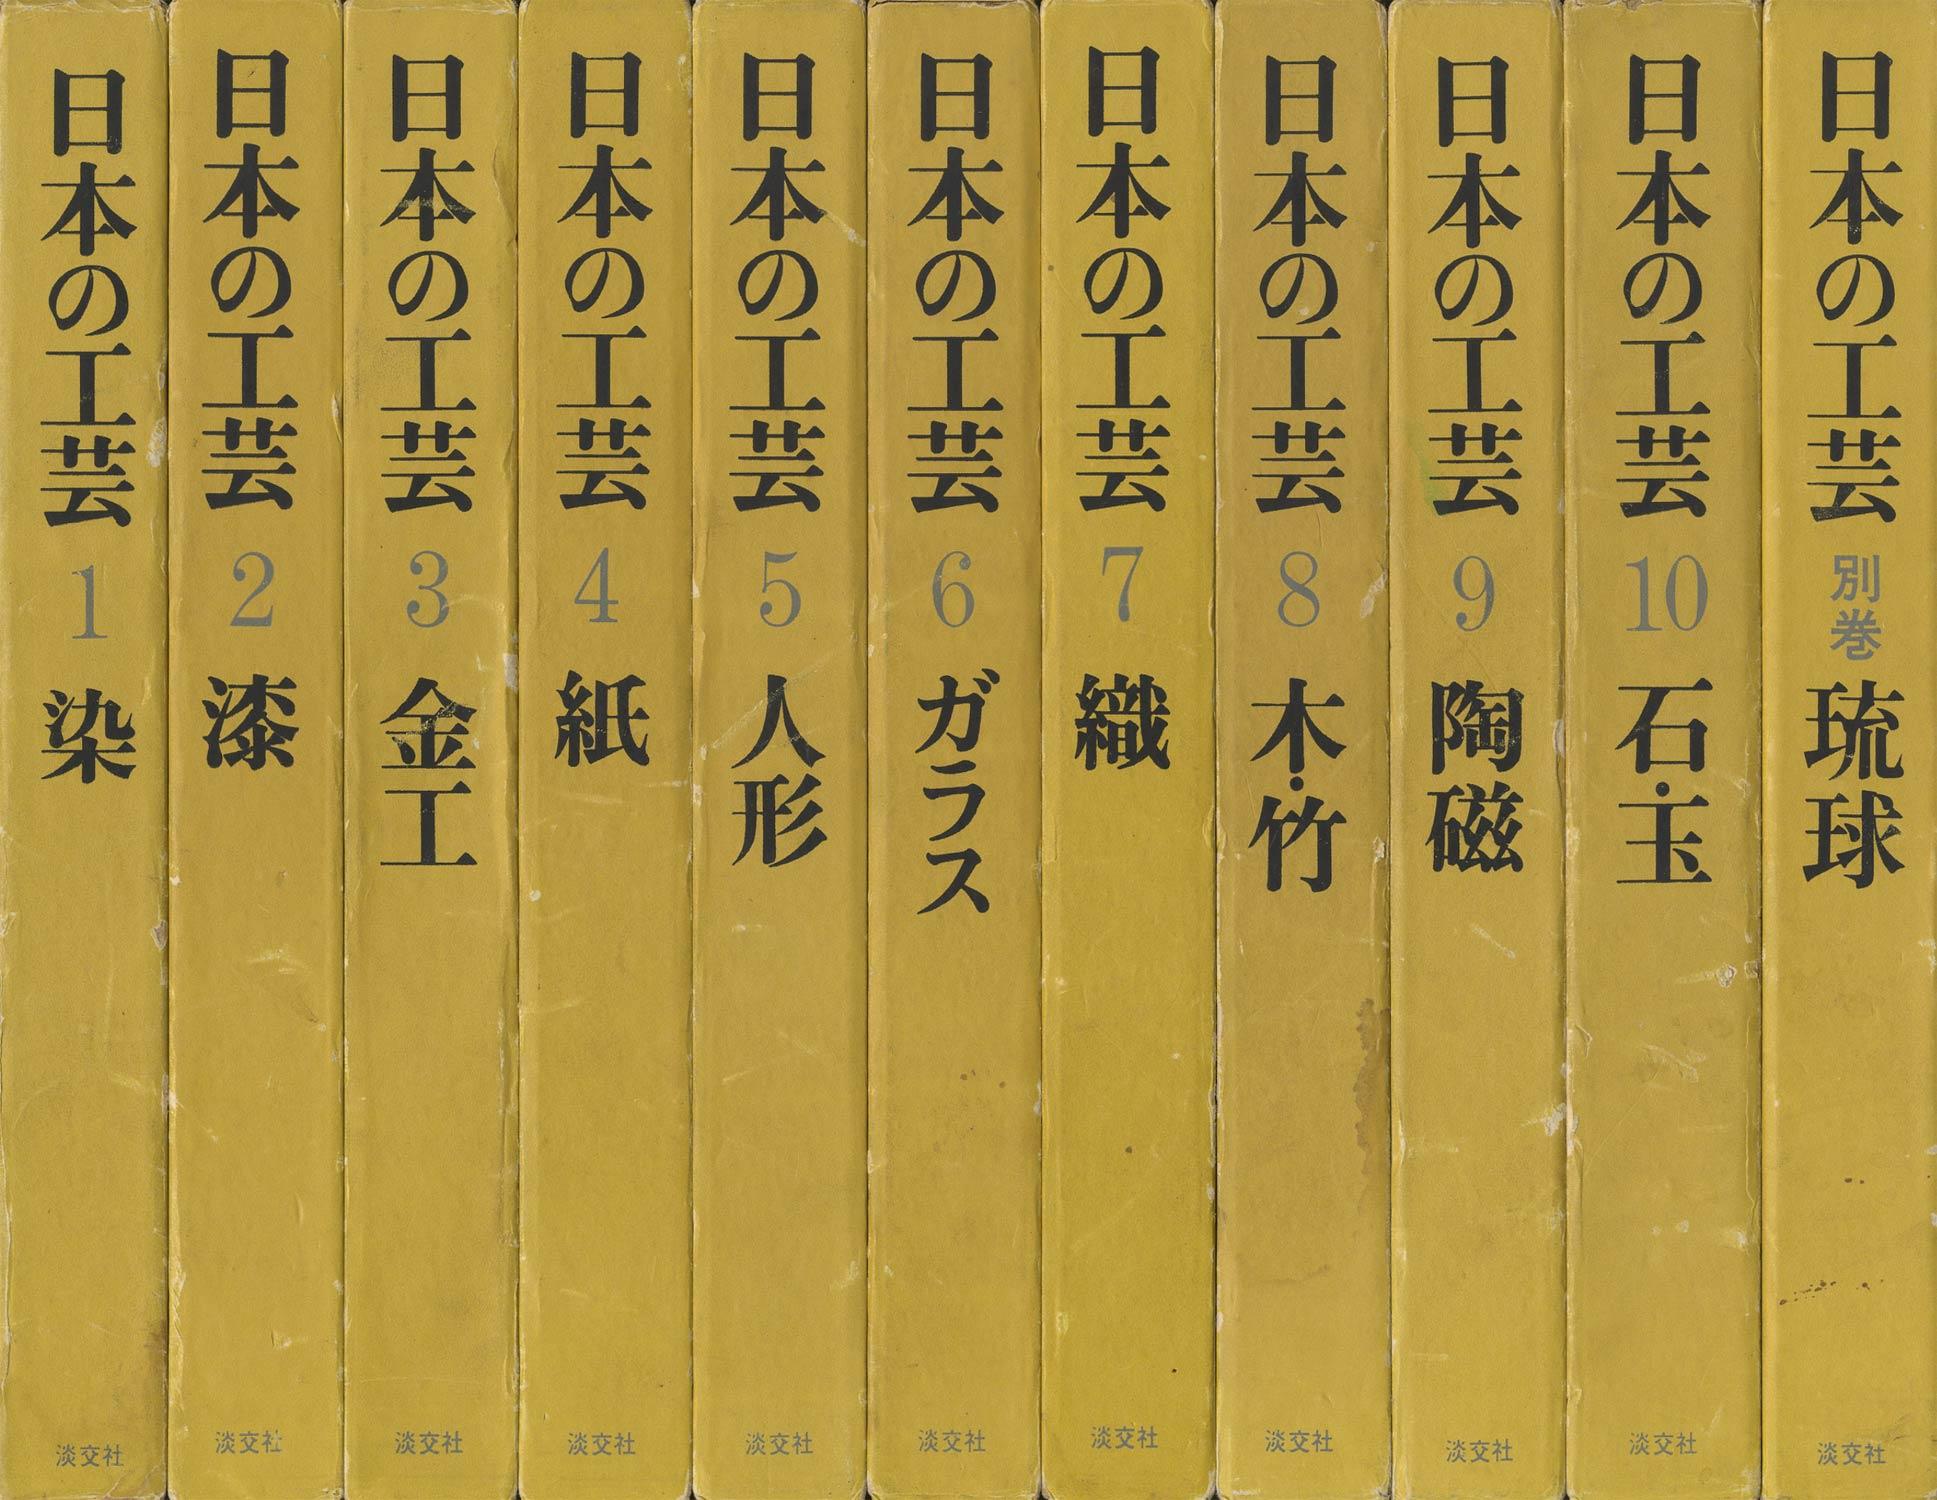 日本の工芸 全10巻+別巻